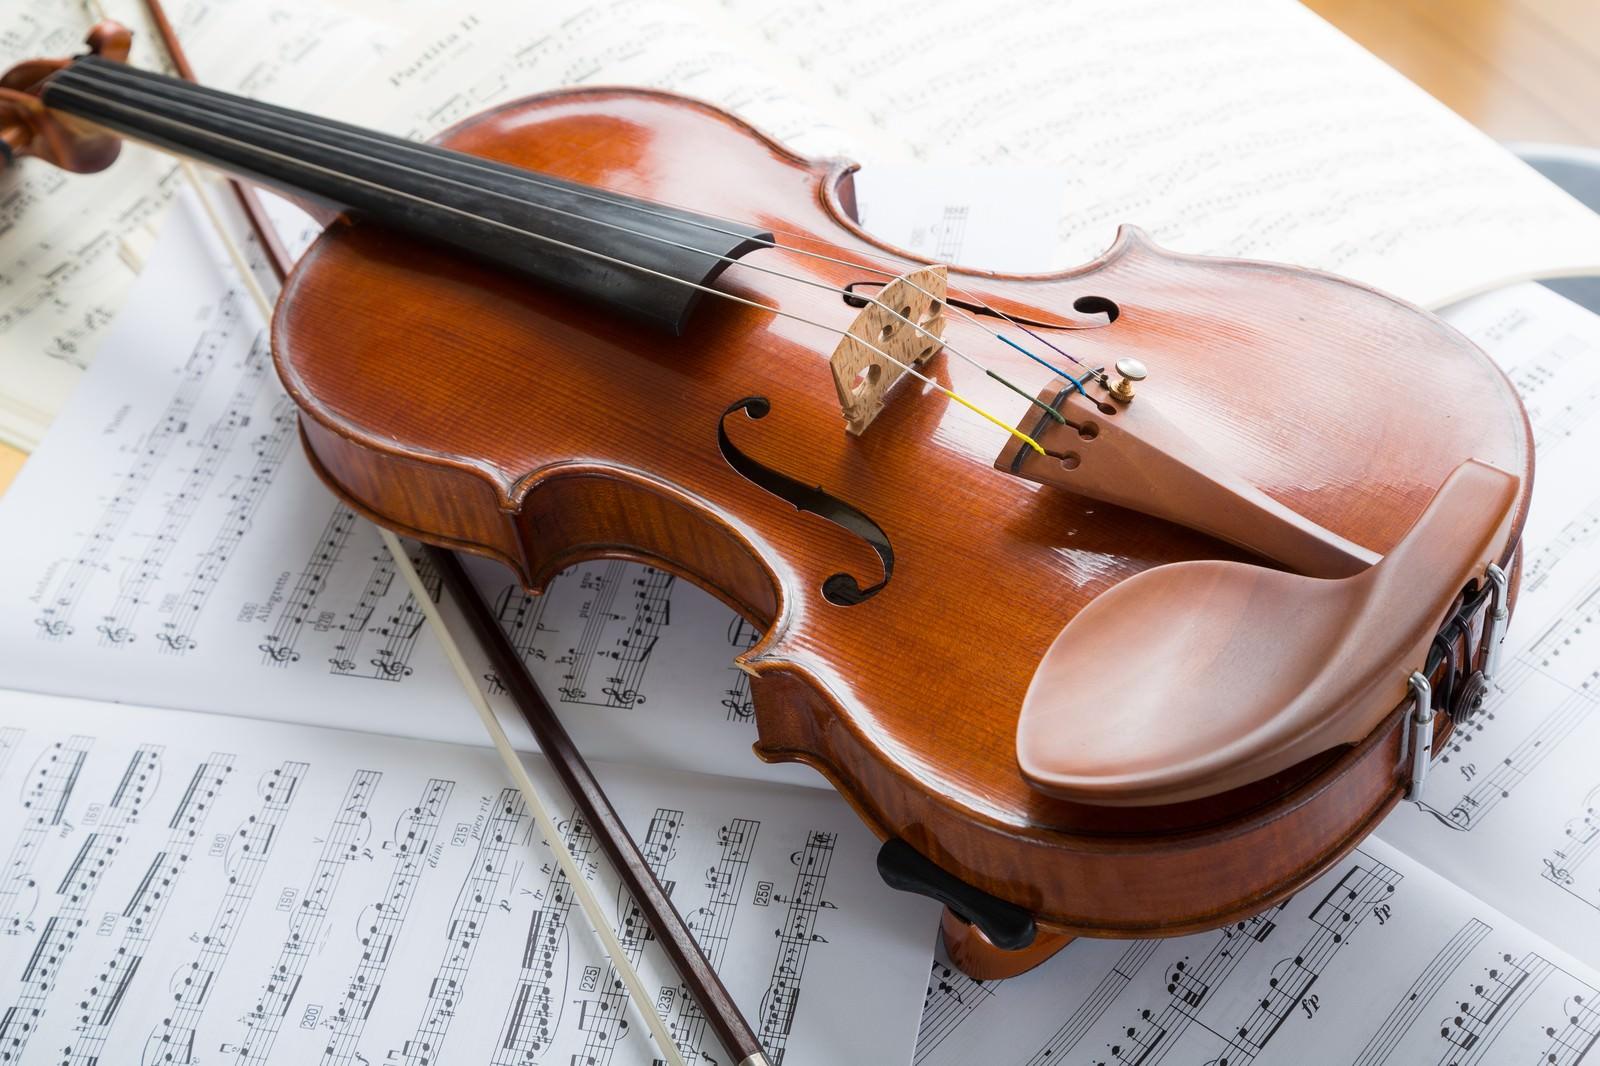 「柔らかな日差しとヴァイオリン柔らかな日差しとヴァイオリン」のフリー写真素材を拡大